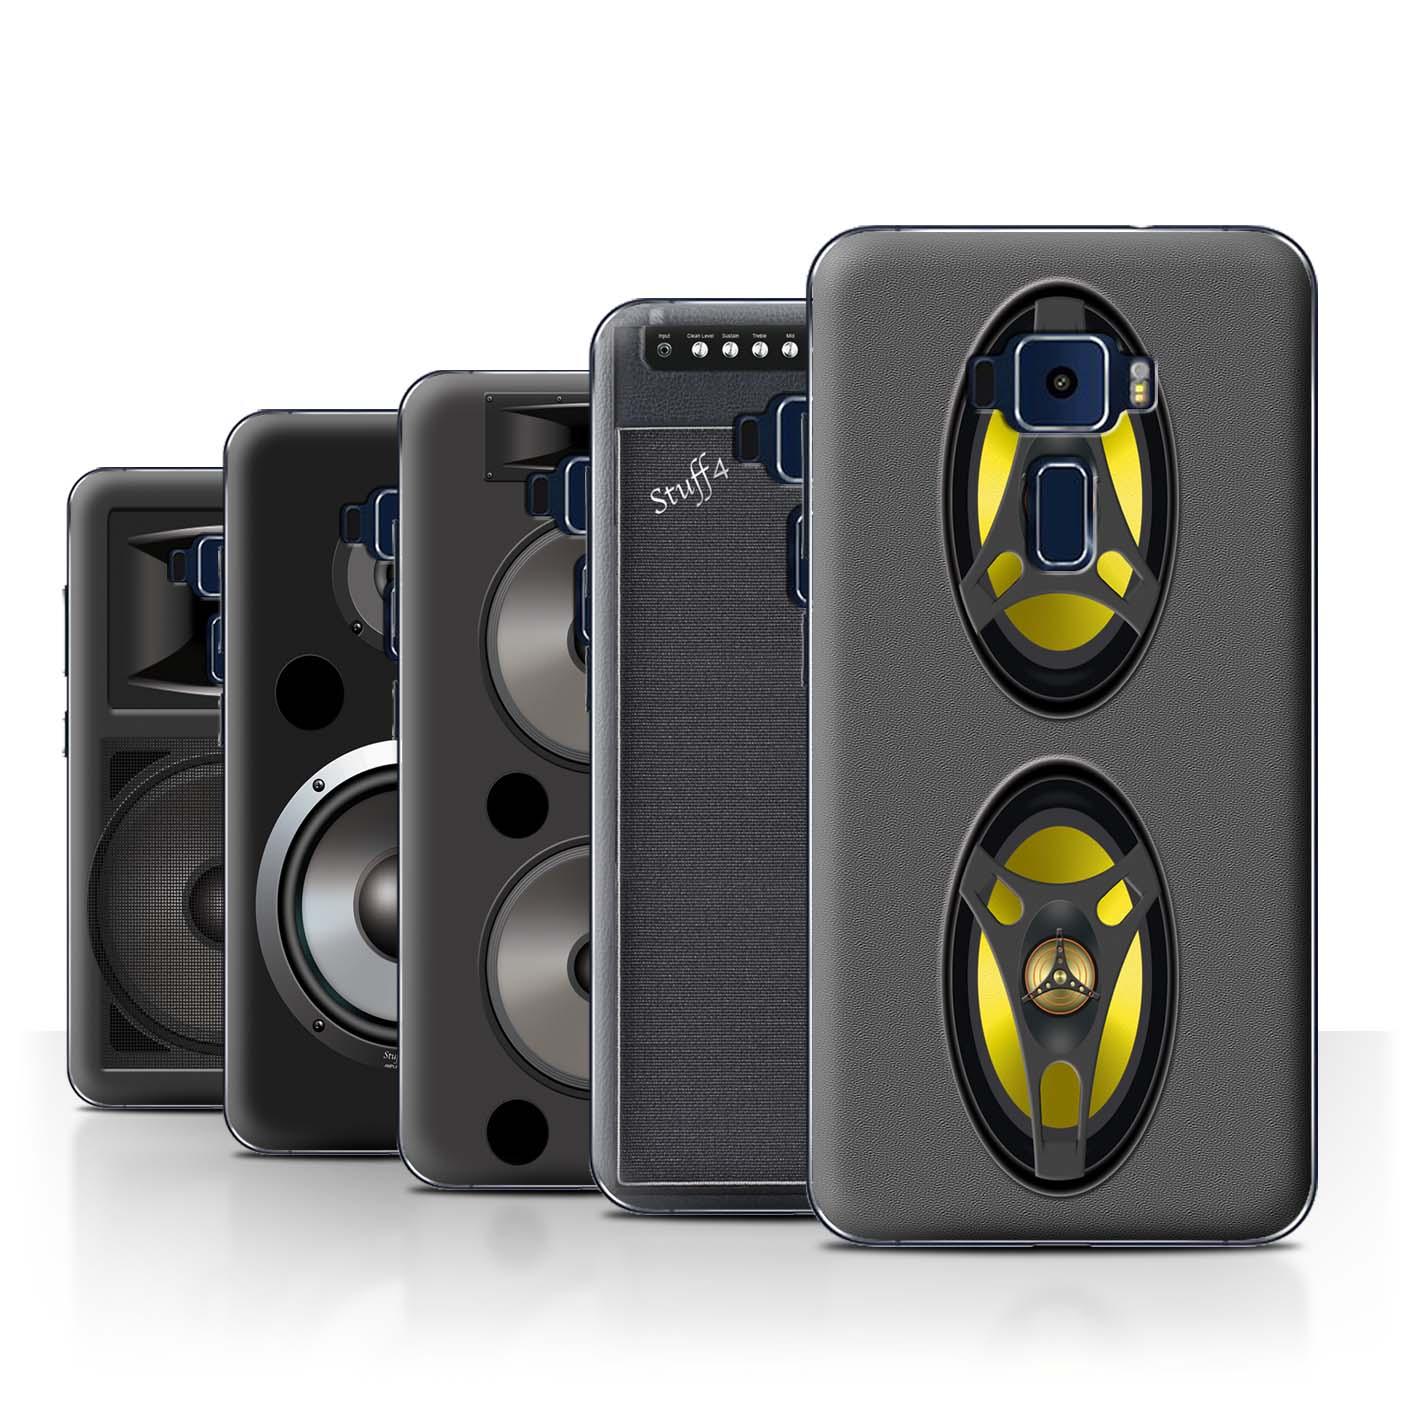 STUFF4-Back-Case-Cover-Skin-for-Asus-Zenfone-3-ZE552KL-Speaker-Design